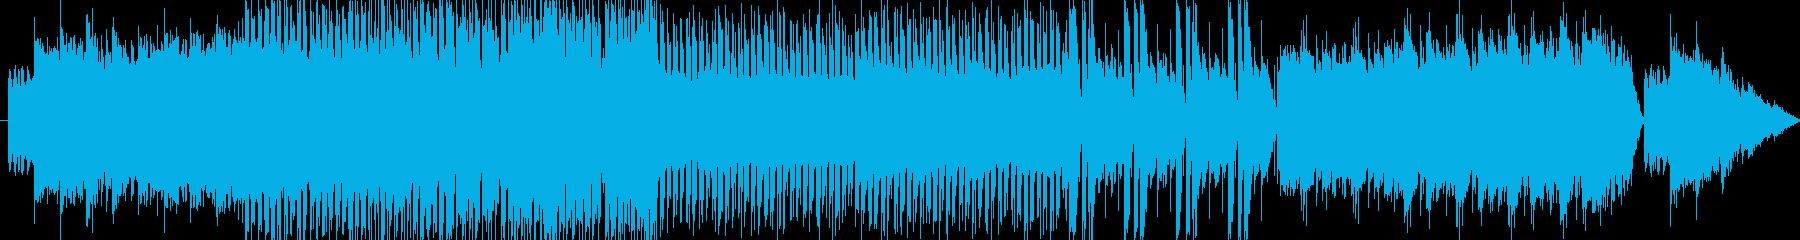 電子楽器とストリングスが絡み合うスリリ…の再生済みの波形